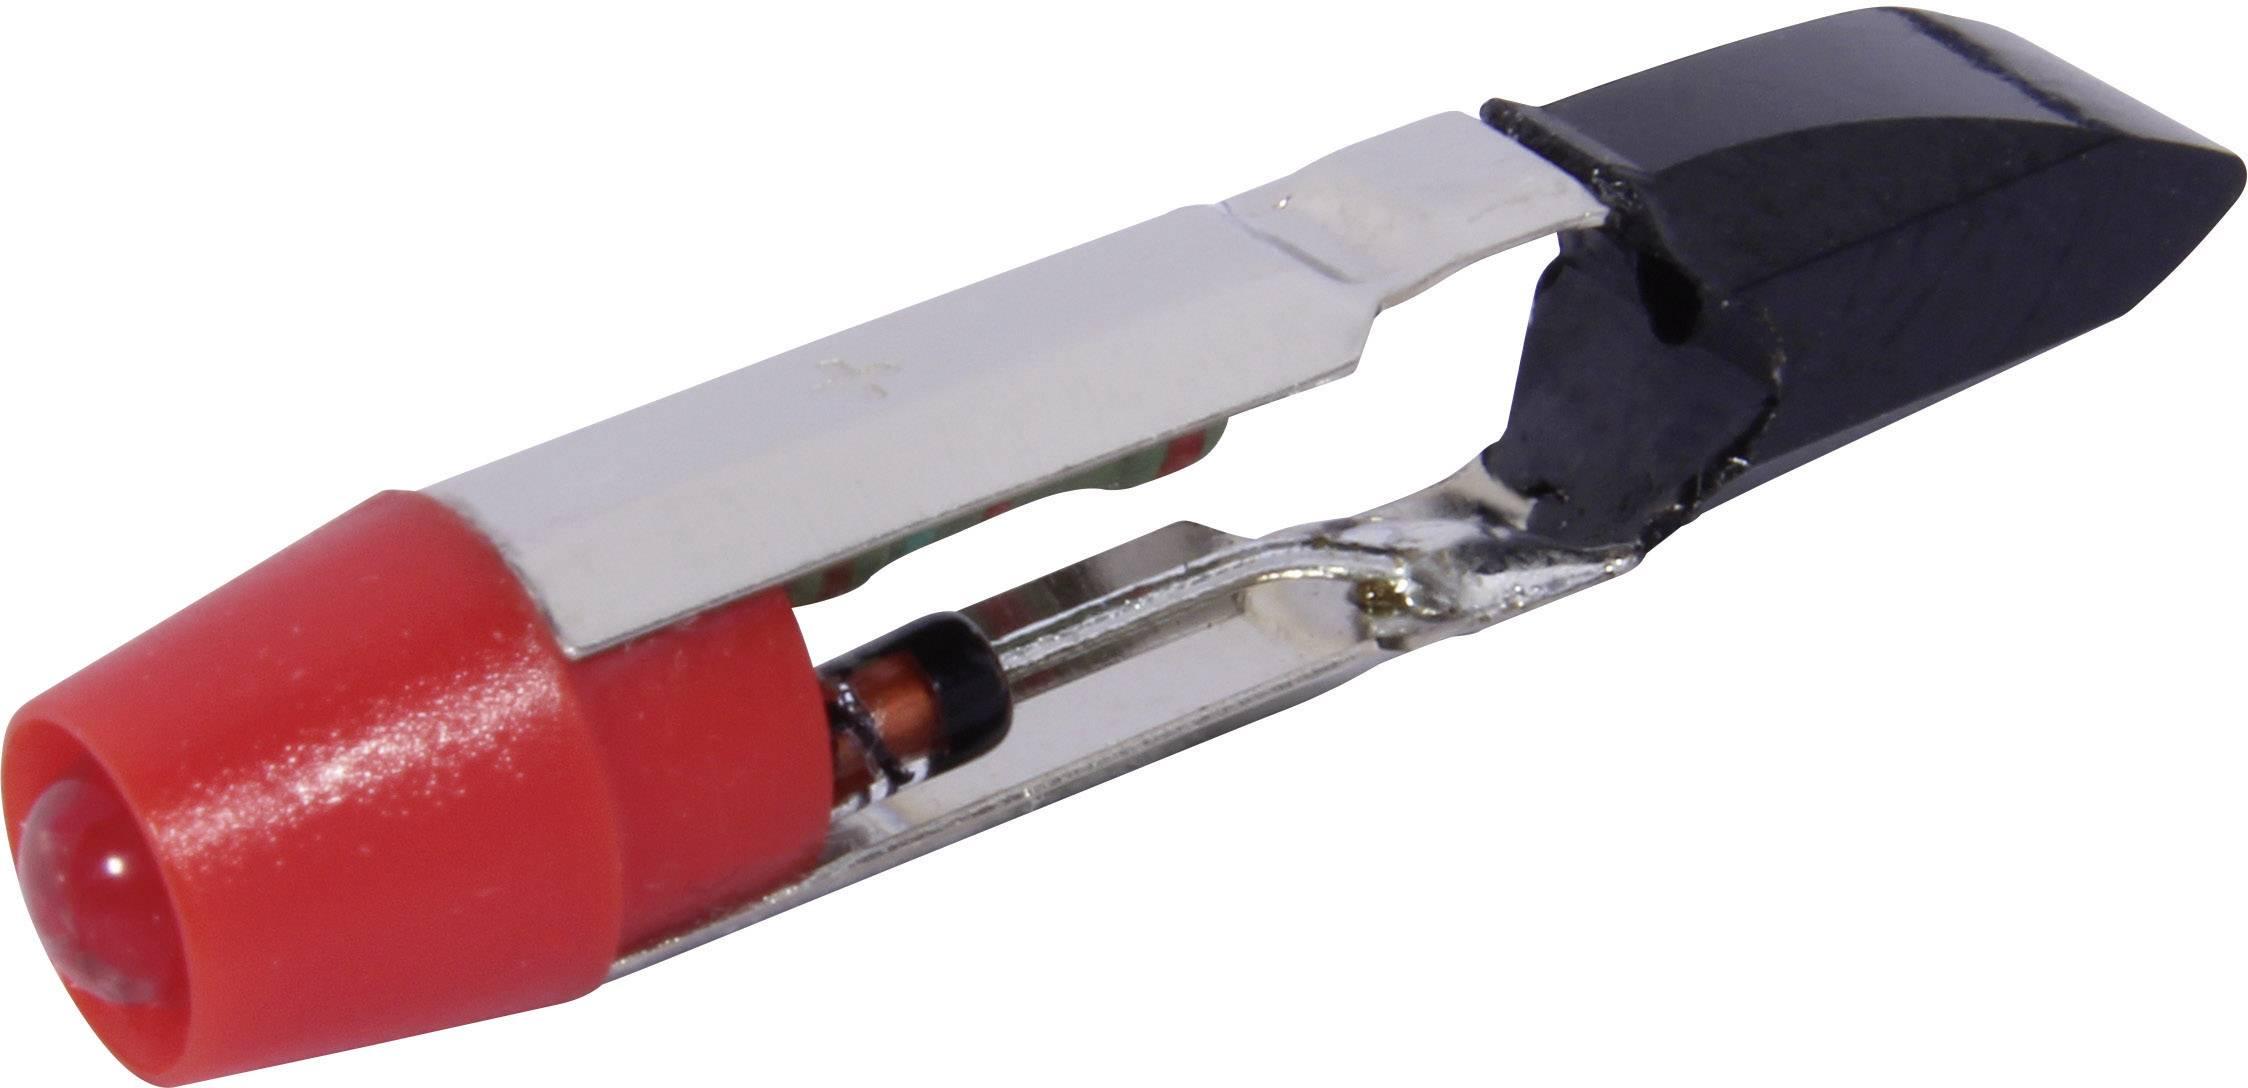 LEDžiarovka CML 1505135UR3, T5.5, 24 V/DC, 24 V/AC, 330 mcd, červená